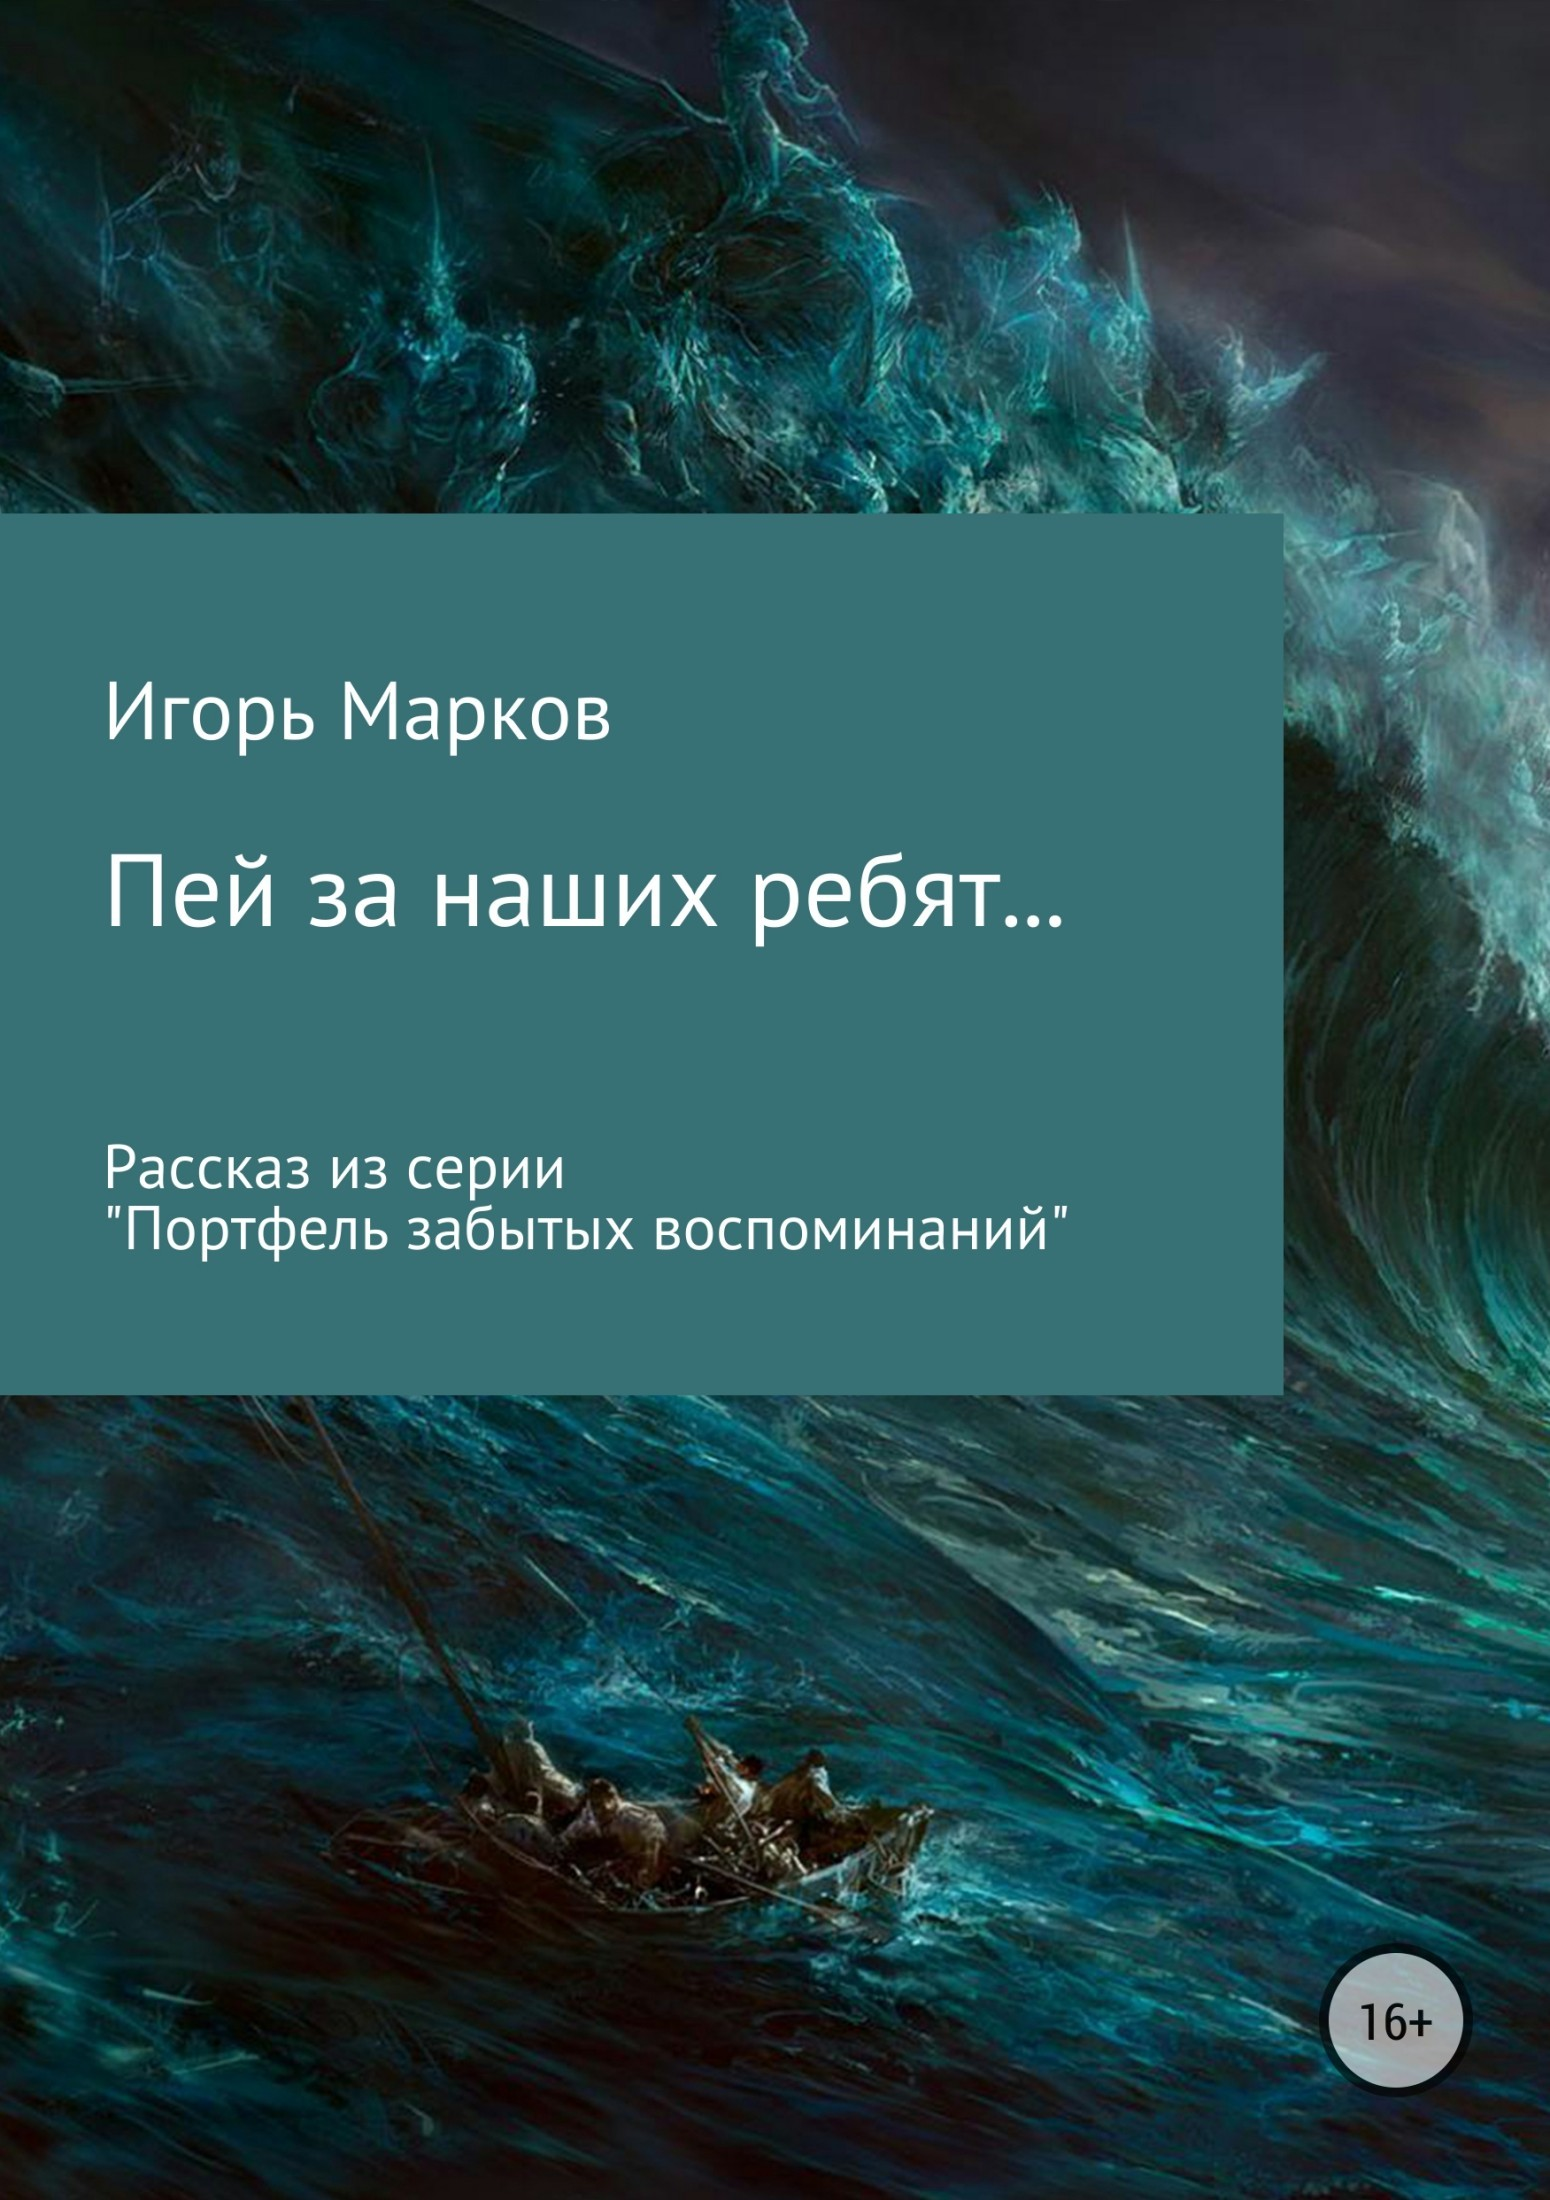 Игорь Владимирович Марков. Пей за наших ребят…